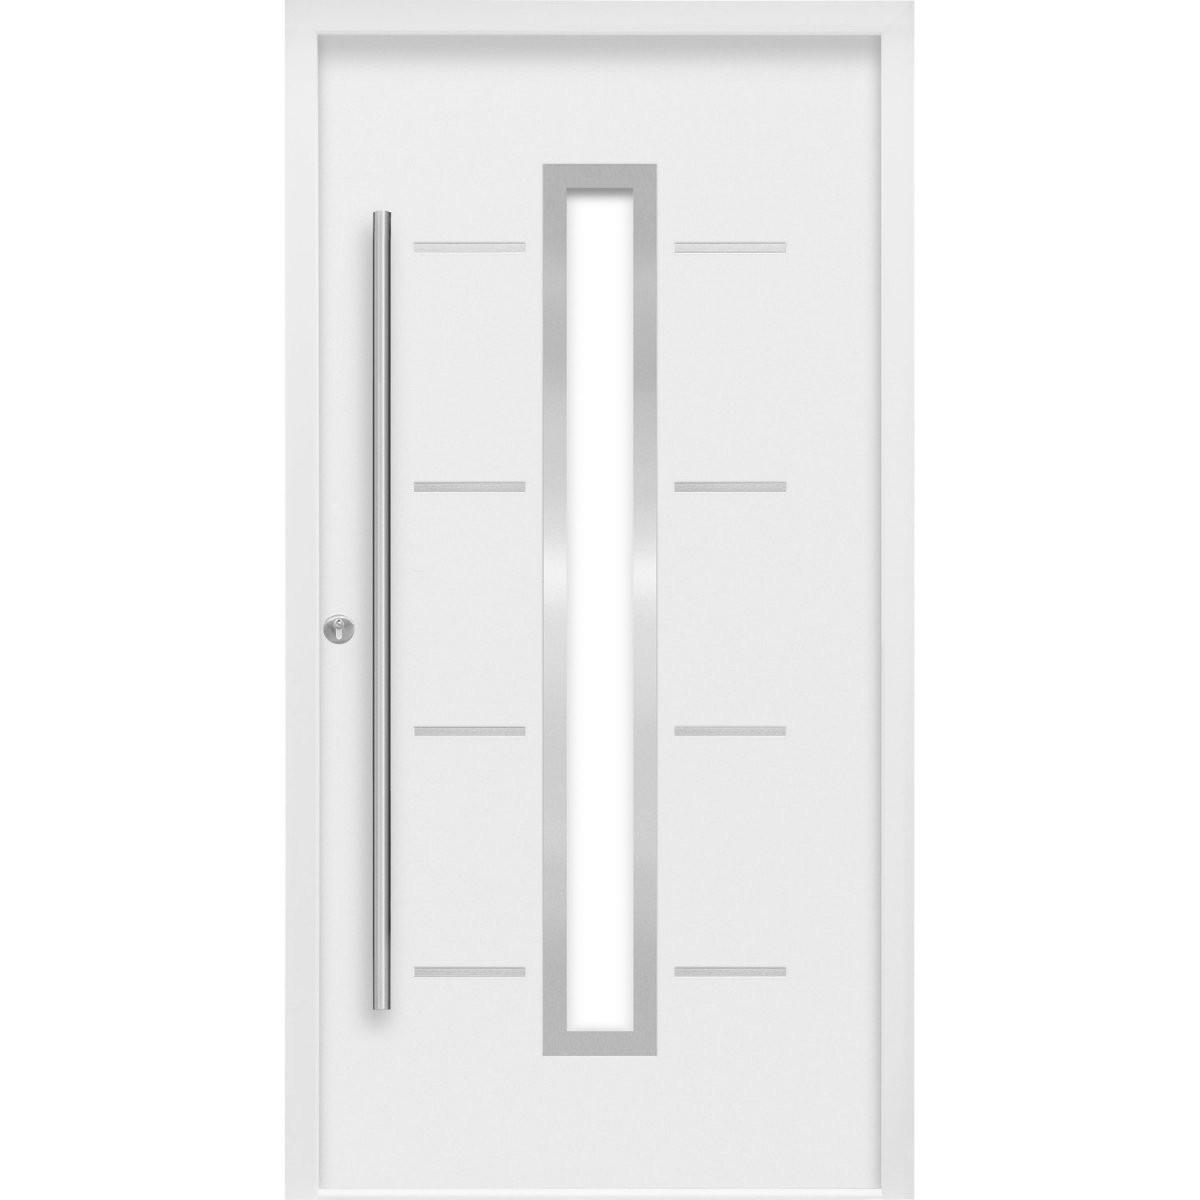 Haustüren Online Kaufen Bei Obi  Obi von Km Meeth Zaun Gmbh Haustüren Bild